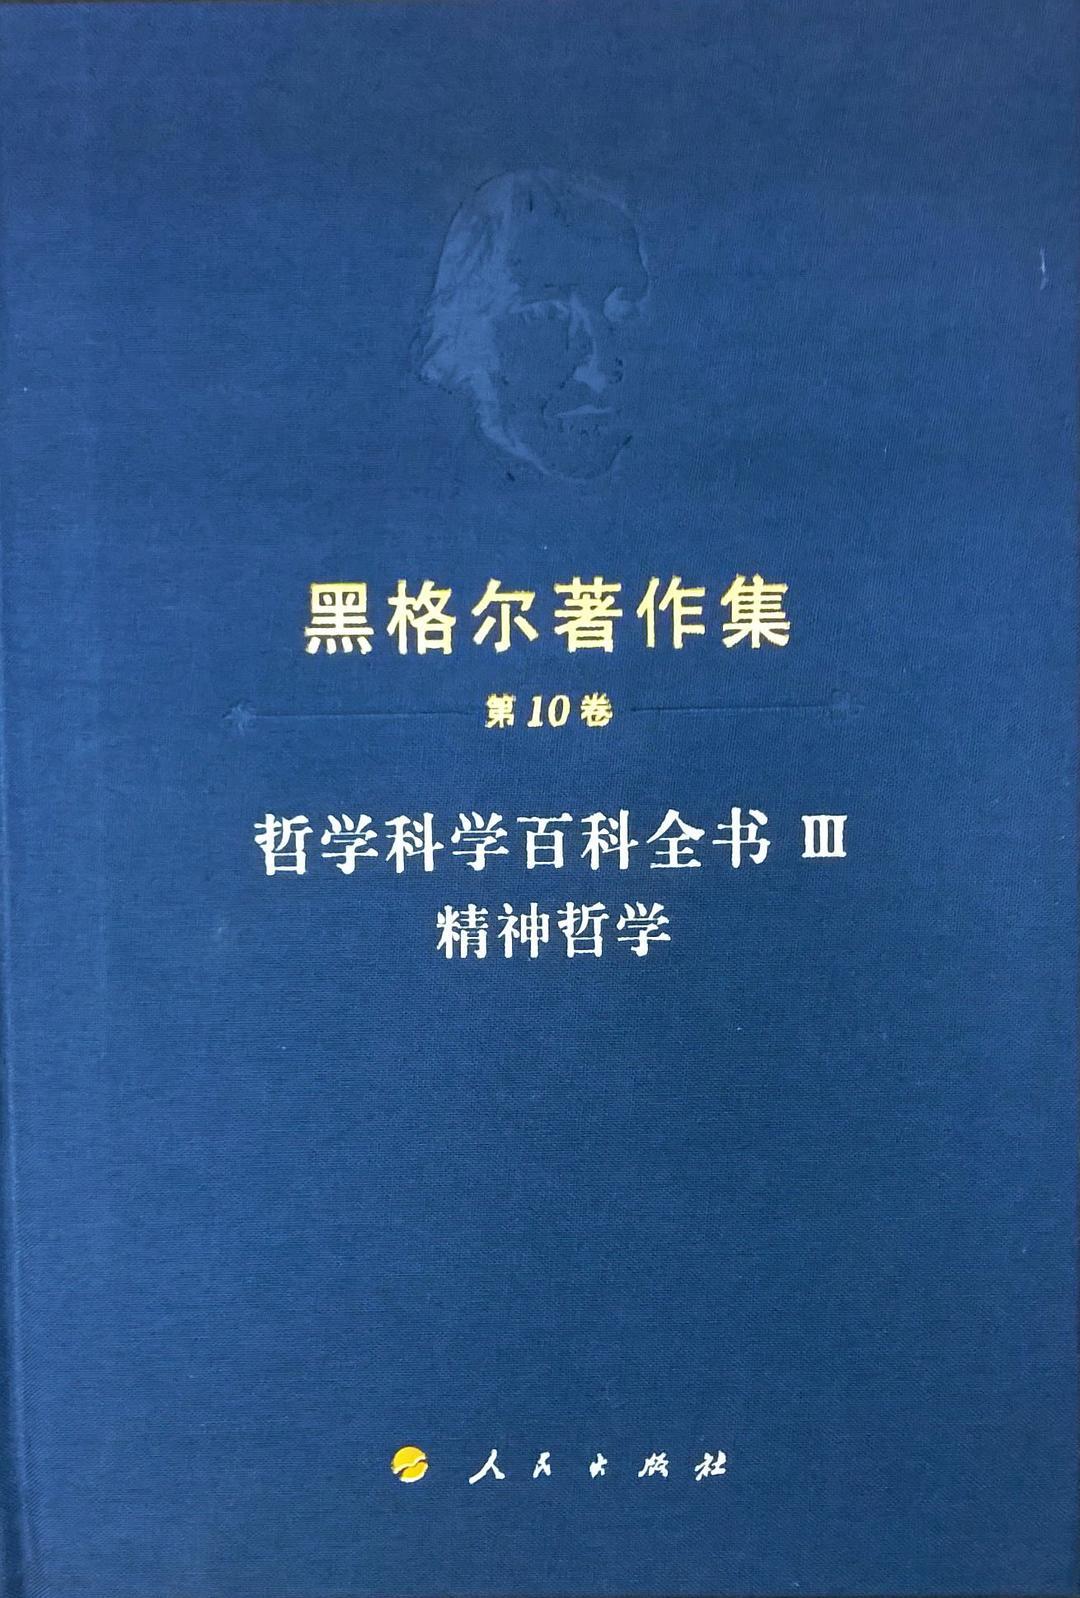 《精神哲学》(图)